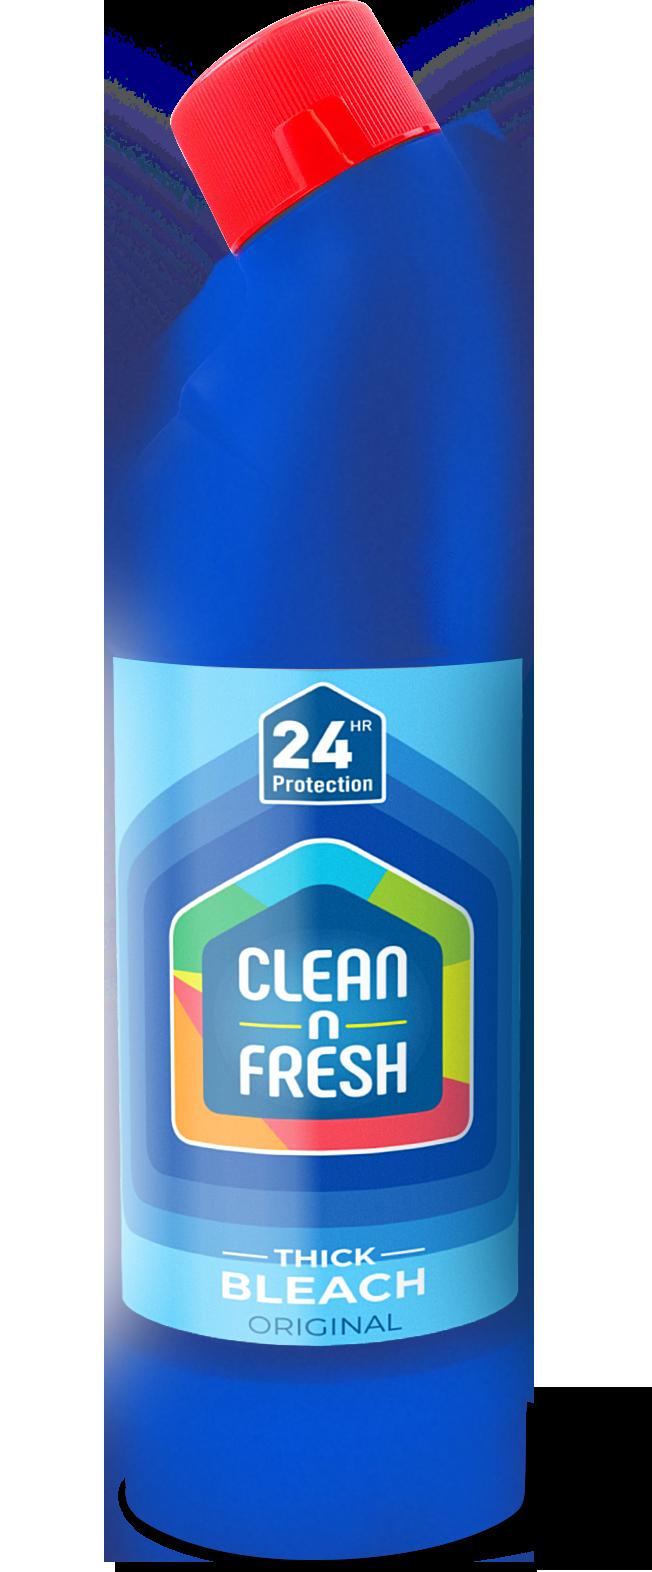 Clean n Fresh Original Thick Bleach